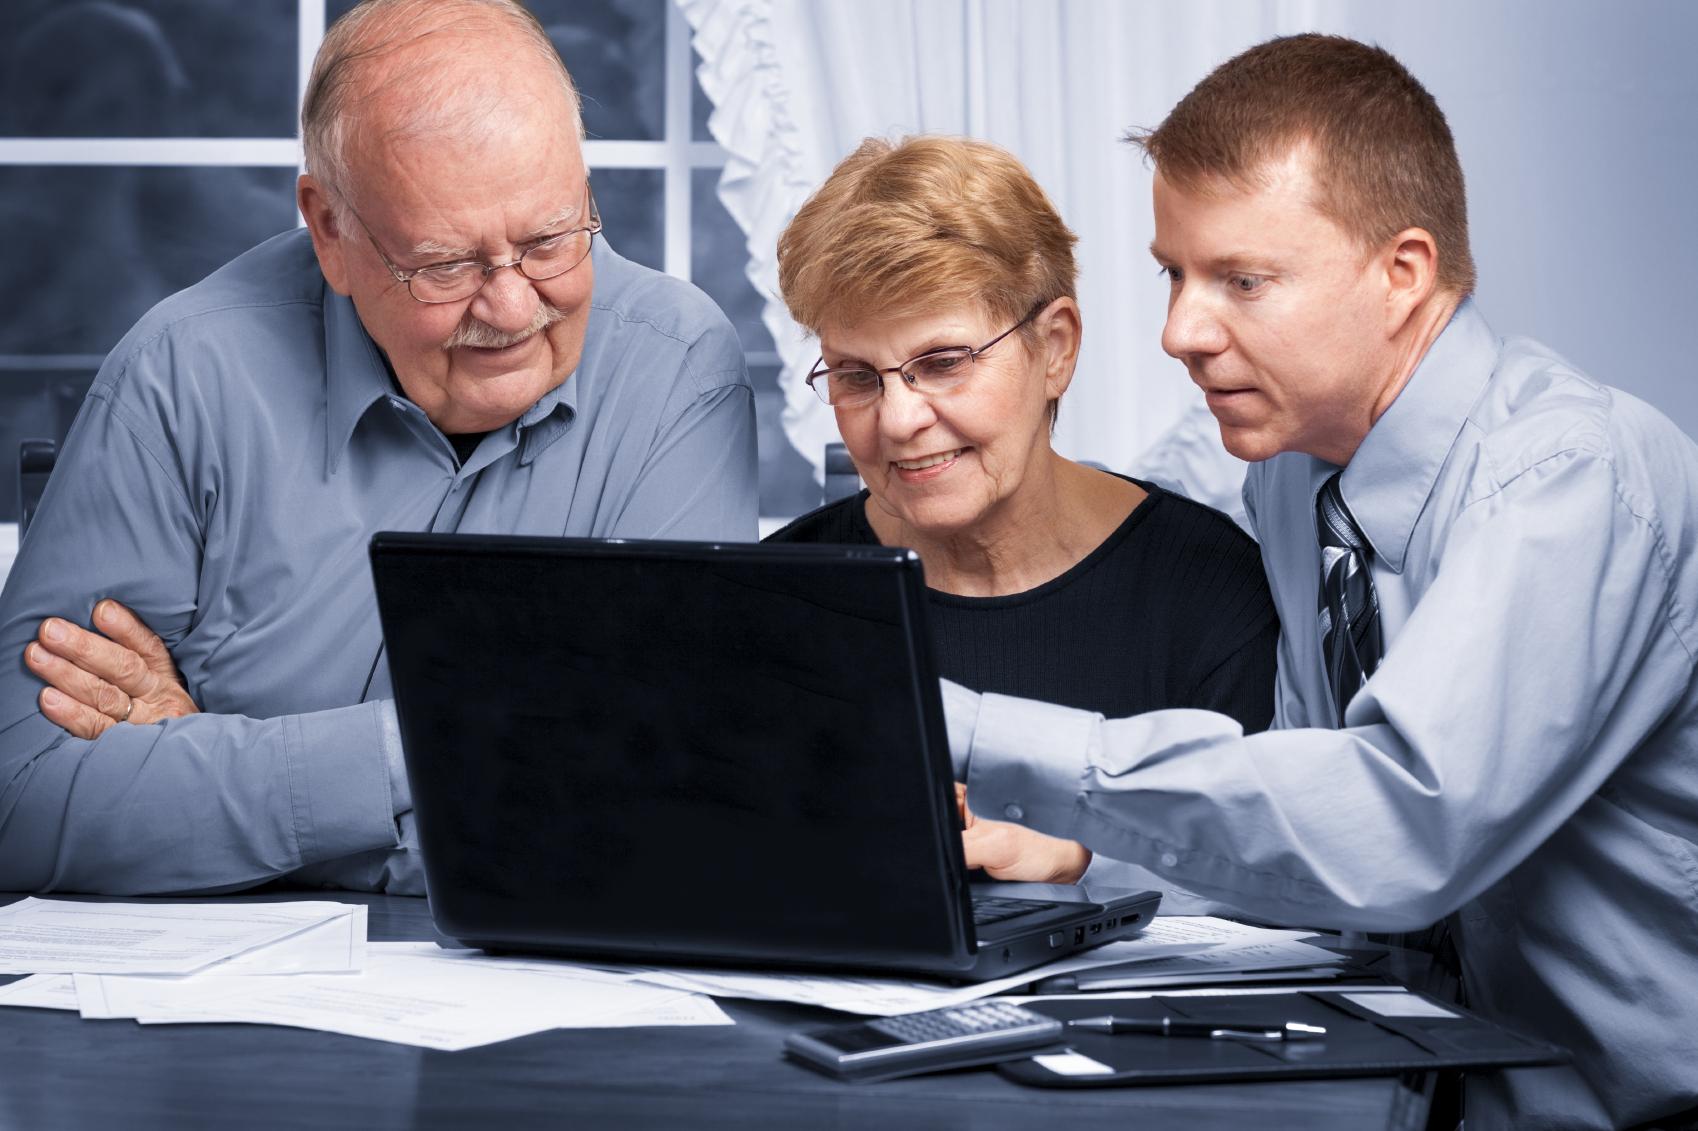 Szellemi frissesség nyugdíjasként